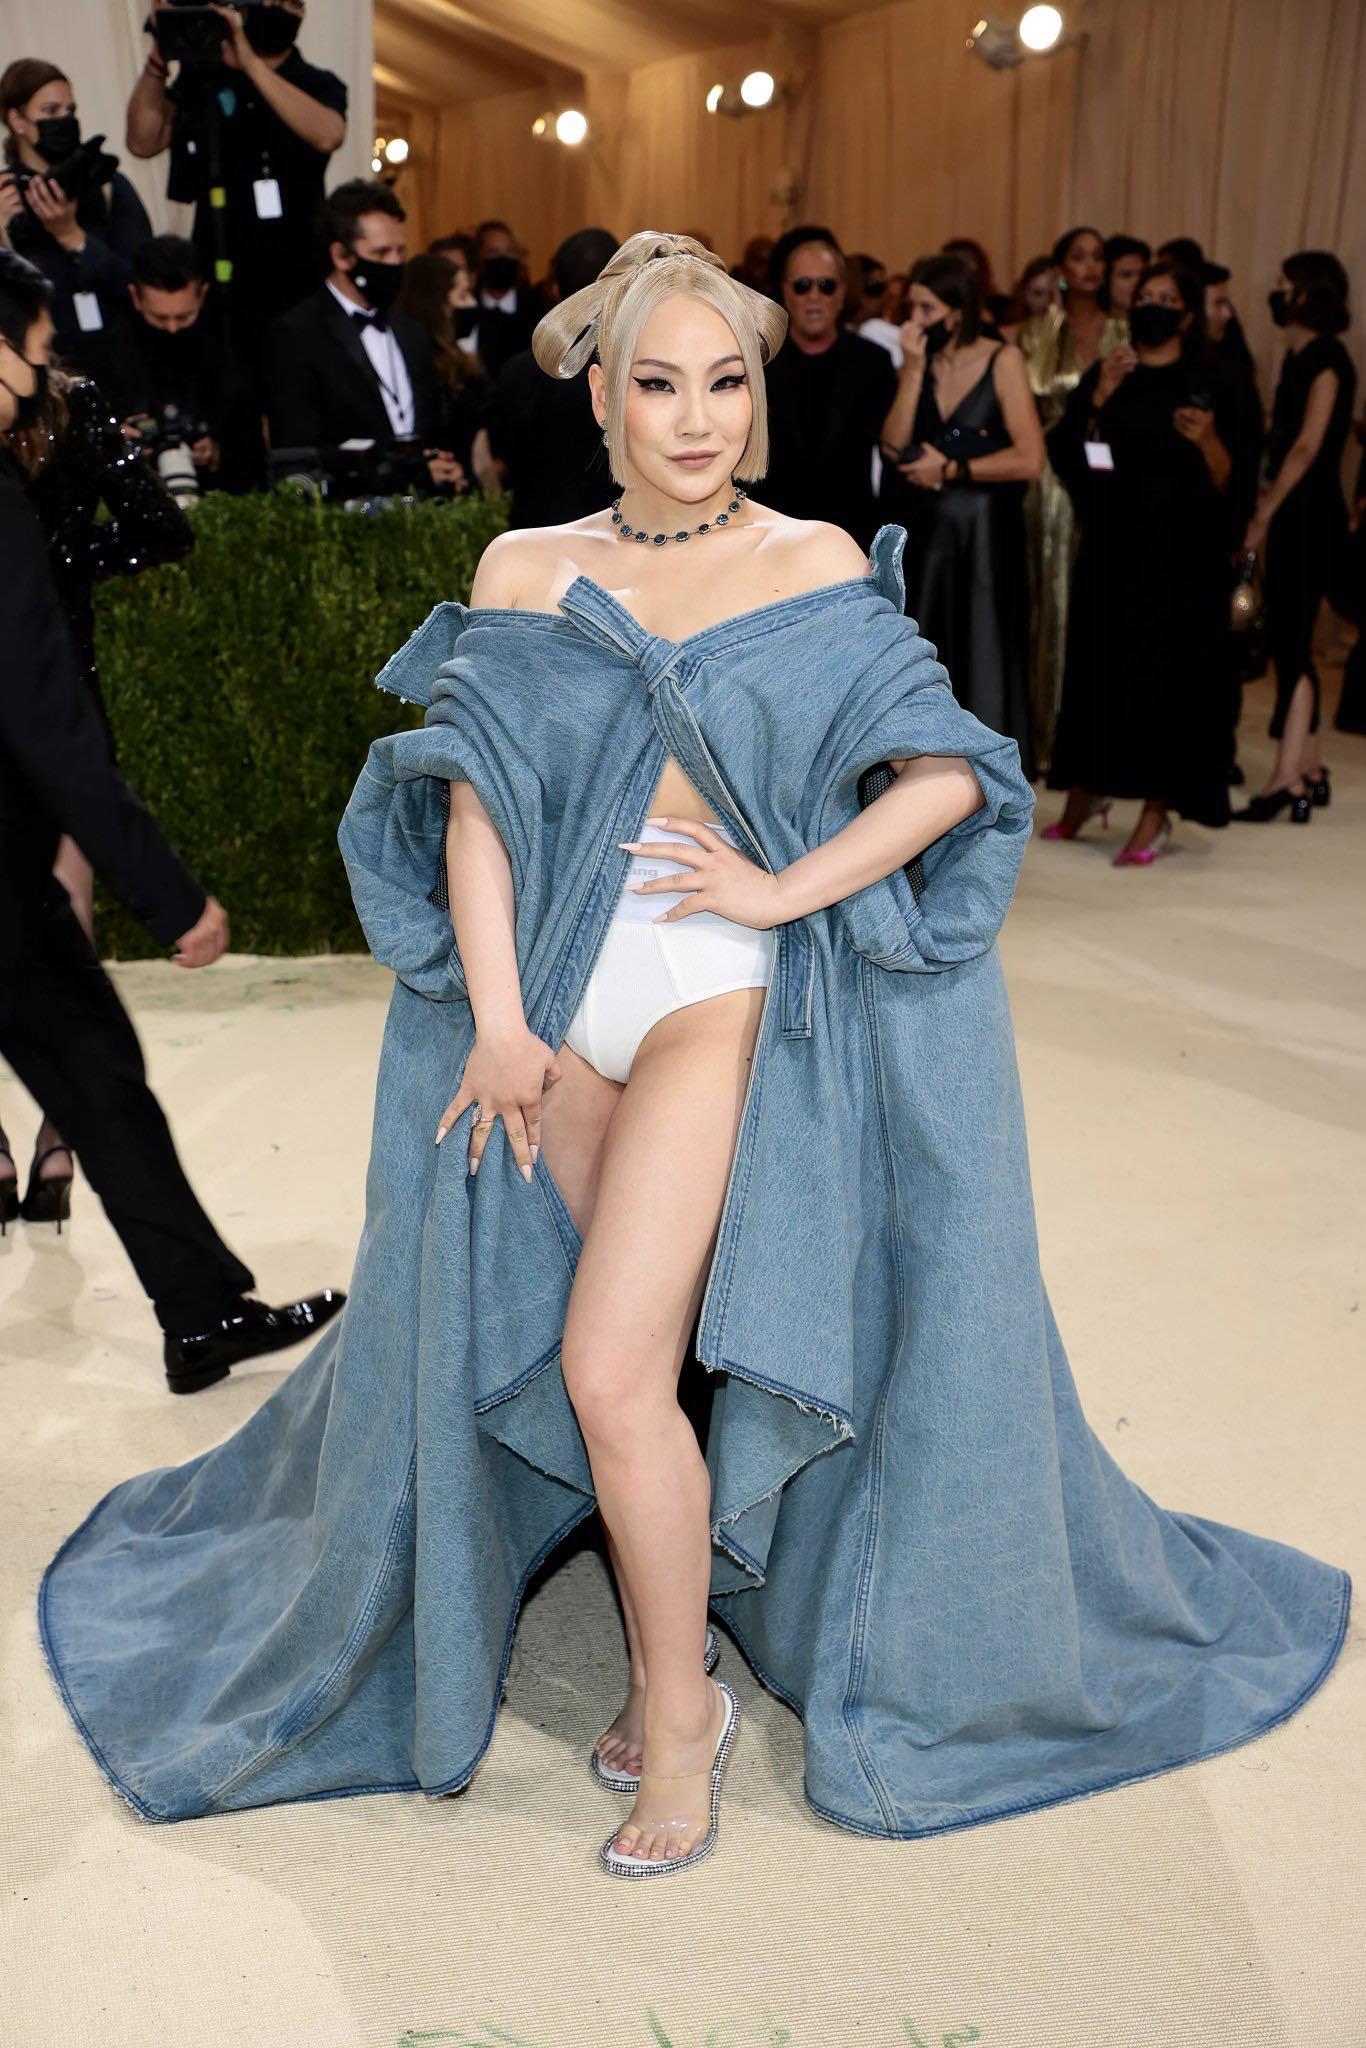 Trong khi Rosé thông báo rình rang, tạo nên hot search trên Twitter khi dự Met Gala thì CL lại có màn xuất hiện khá bất ngờ. Tuy nhiên, trang phục của cô được đánh giá là ấn tượng và có điểm nhấn hơn hẳn. Nữ idol diện chiếc áo choàng denim quét đất kết hợp cùng nội y đầy táo bạo của Alexander Wang.